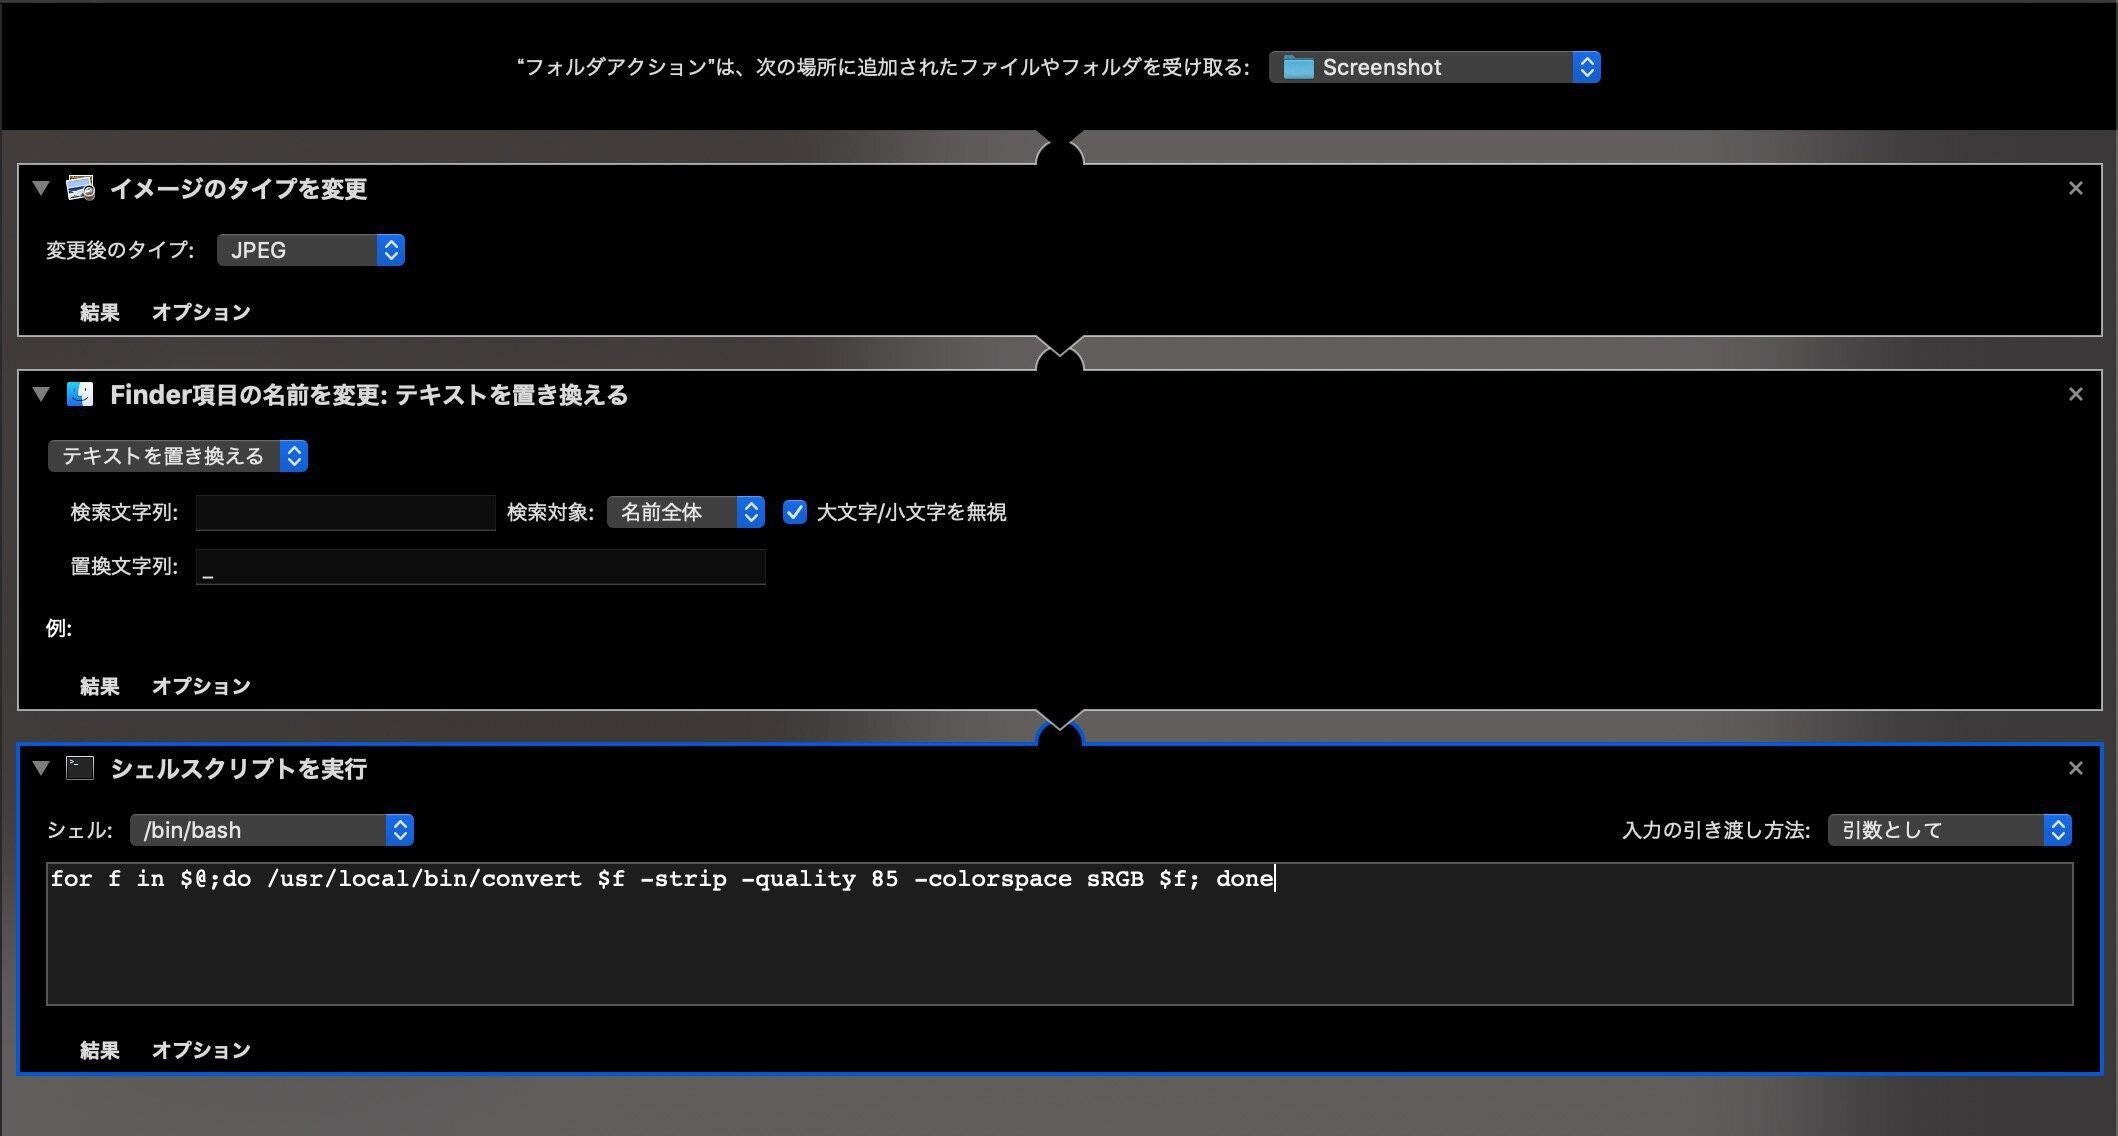 ScreenShot_2019-08-10_1.37.55.jpg